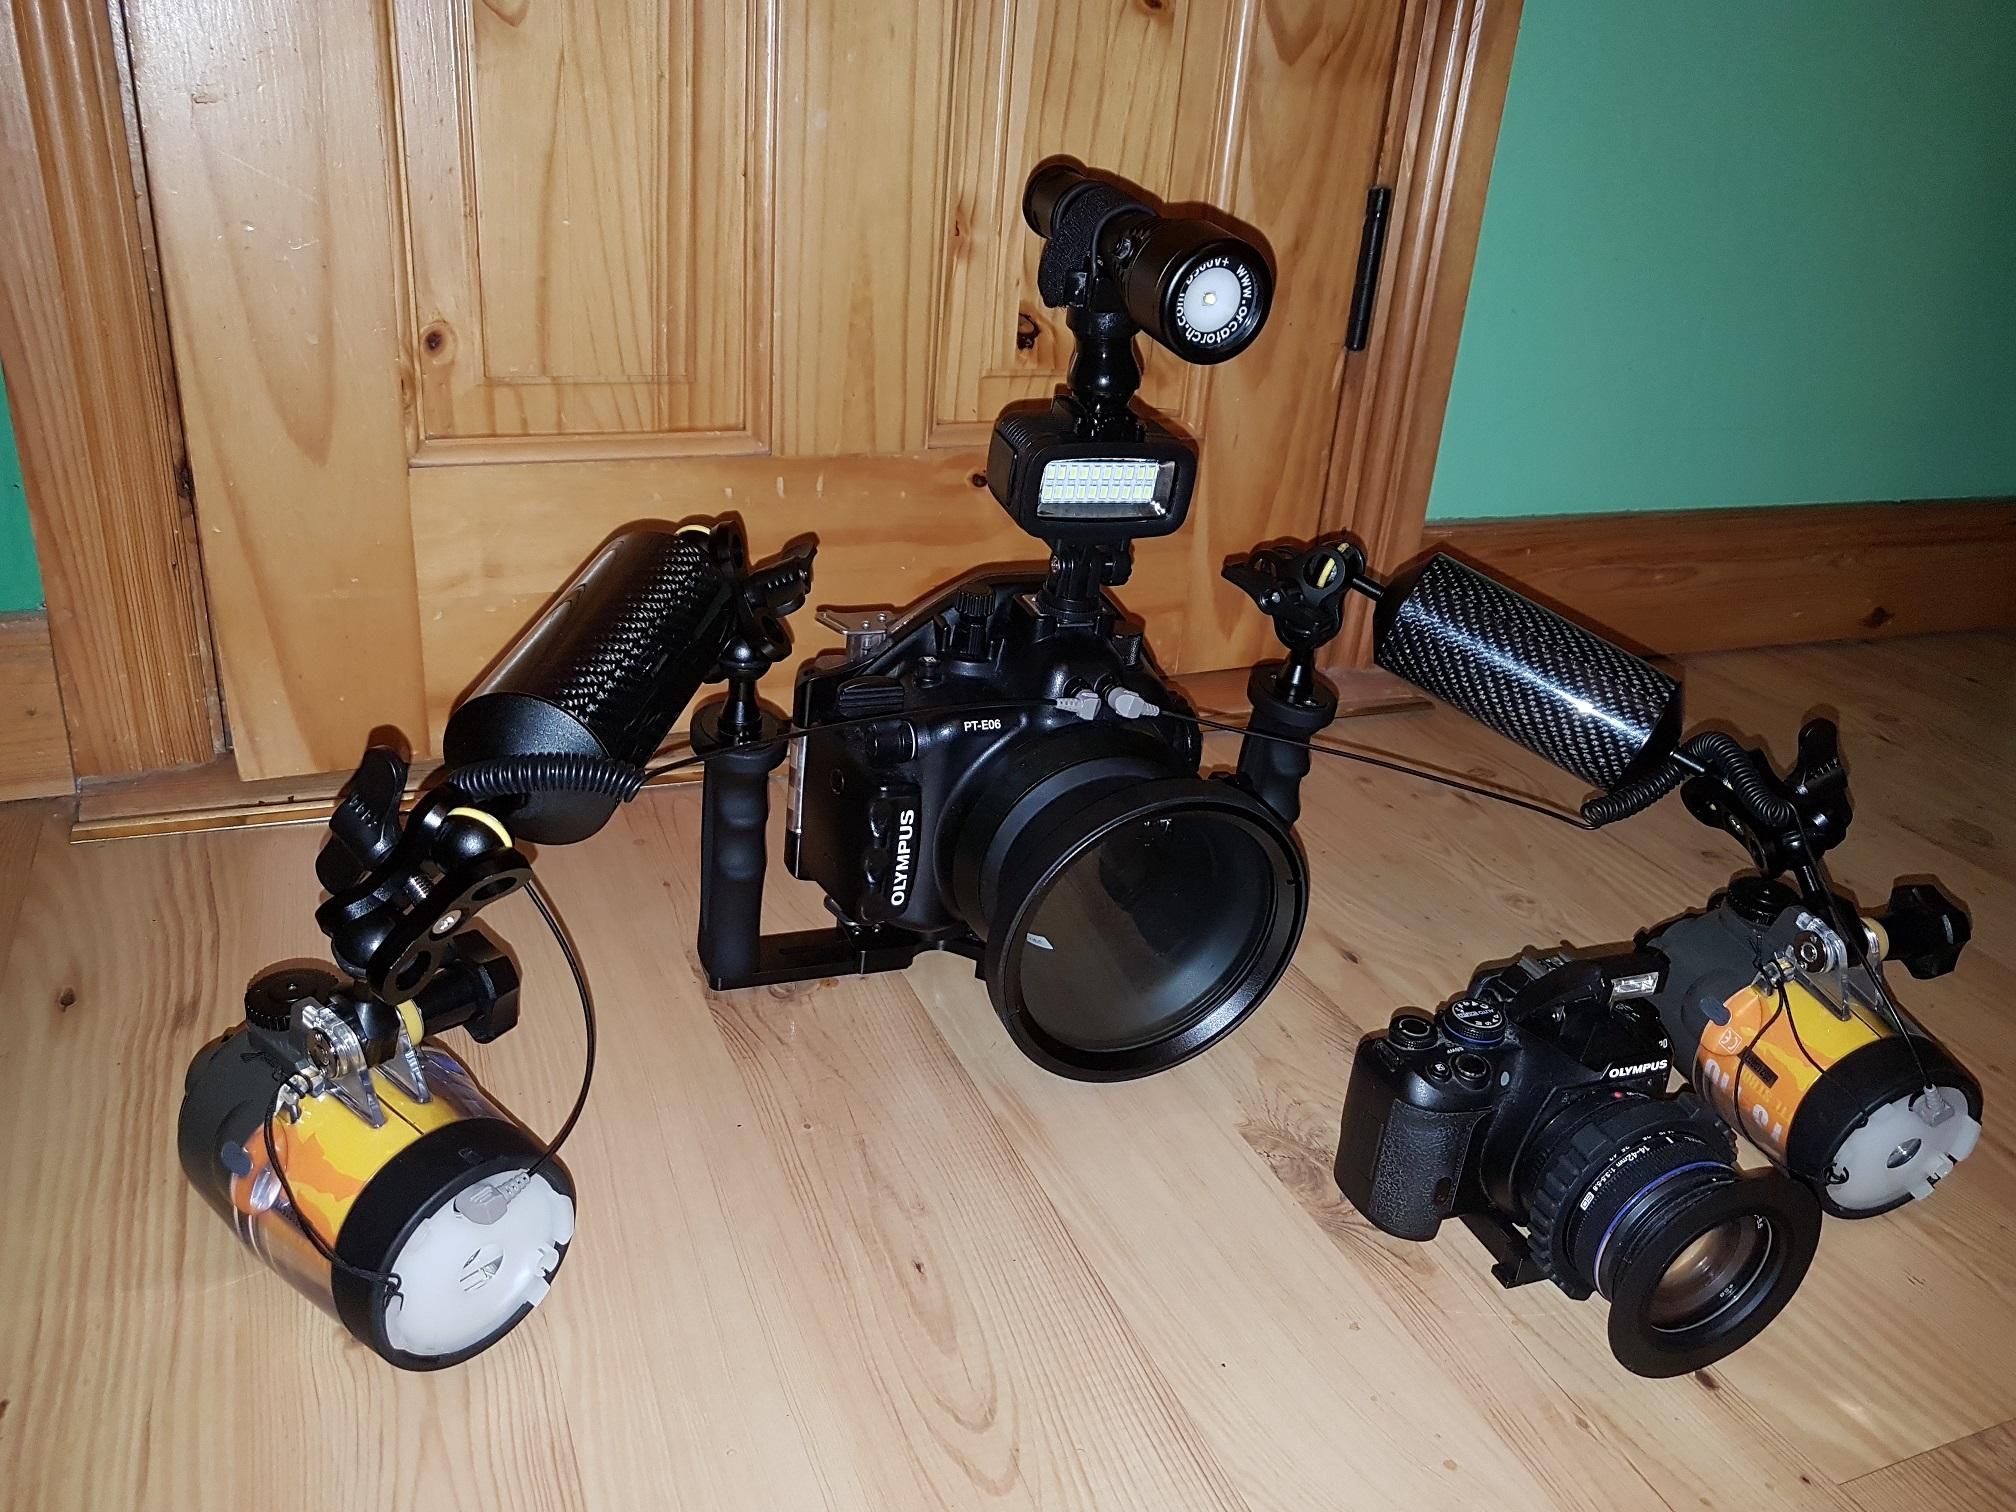 Od zrobienia tego zdjęcia doszło: kamerka GoPro,dwa ramiona i mokre macro z uchwytem.